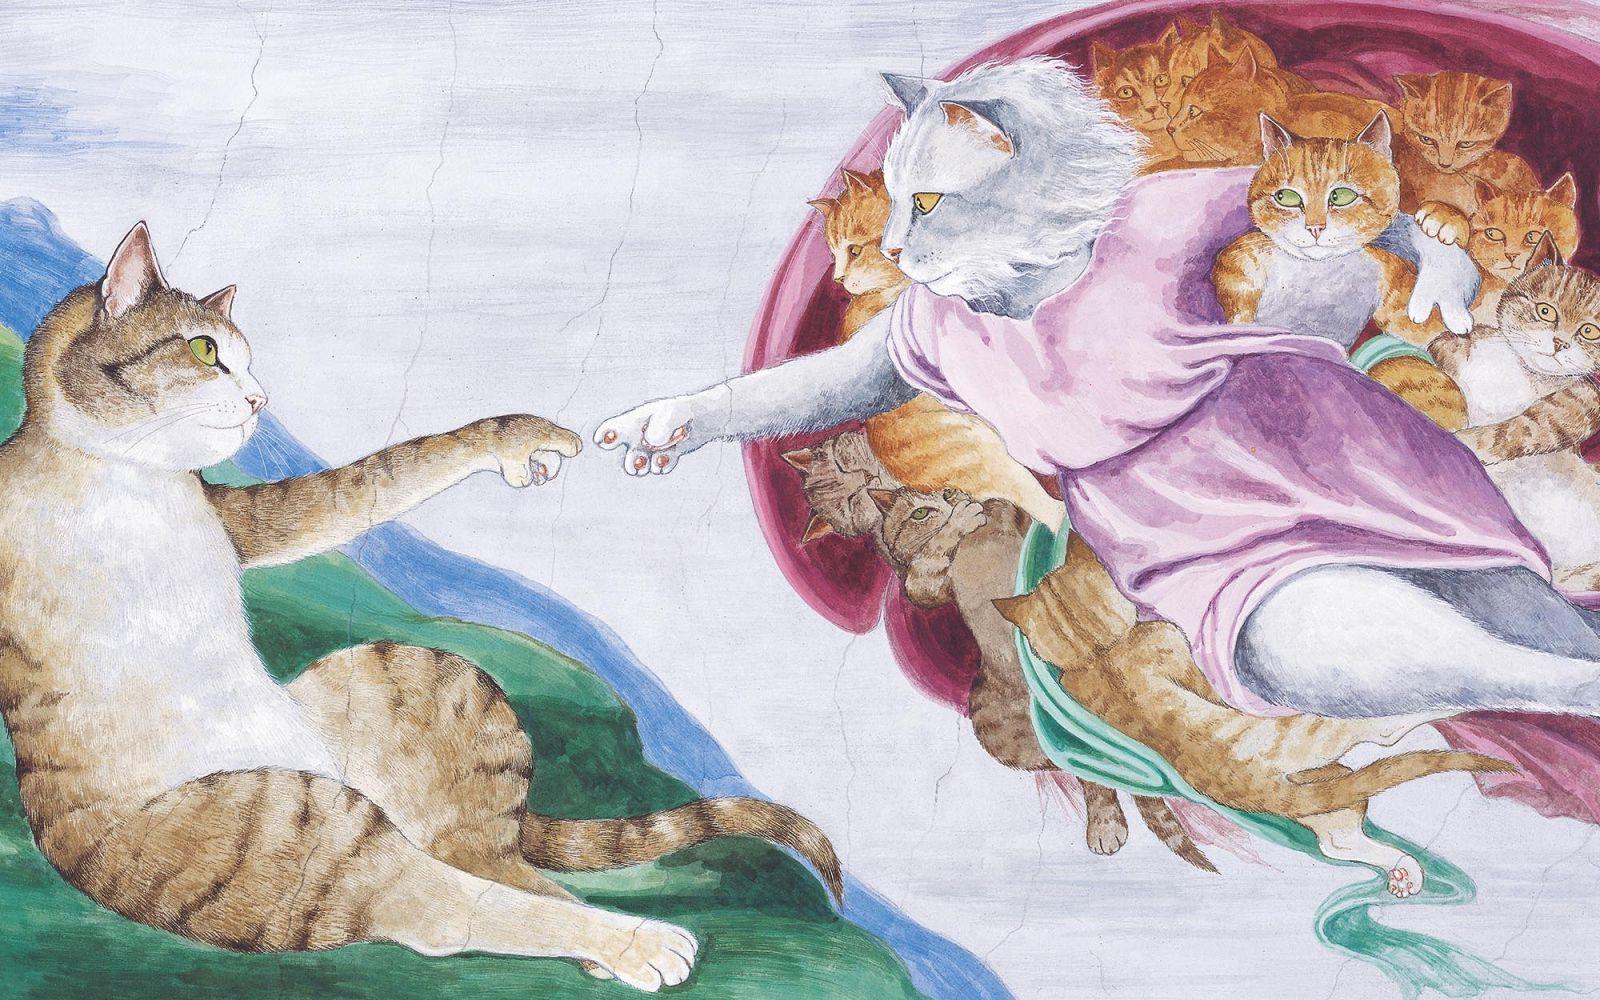 Кот викингов и украинский левкой. Кошачьи истории из разных стран мира